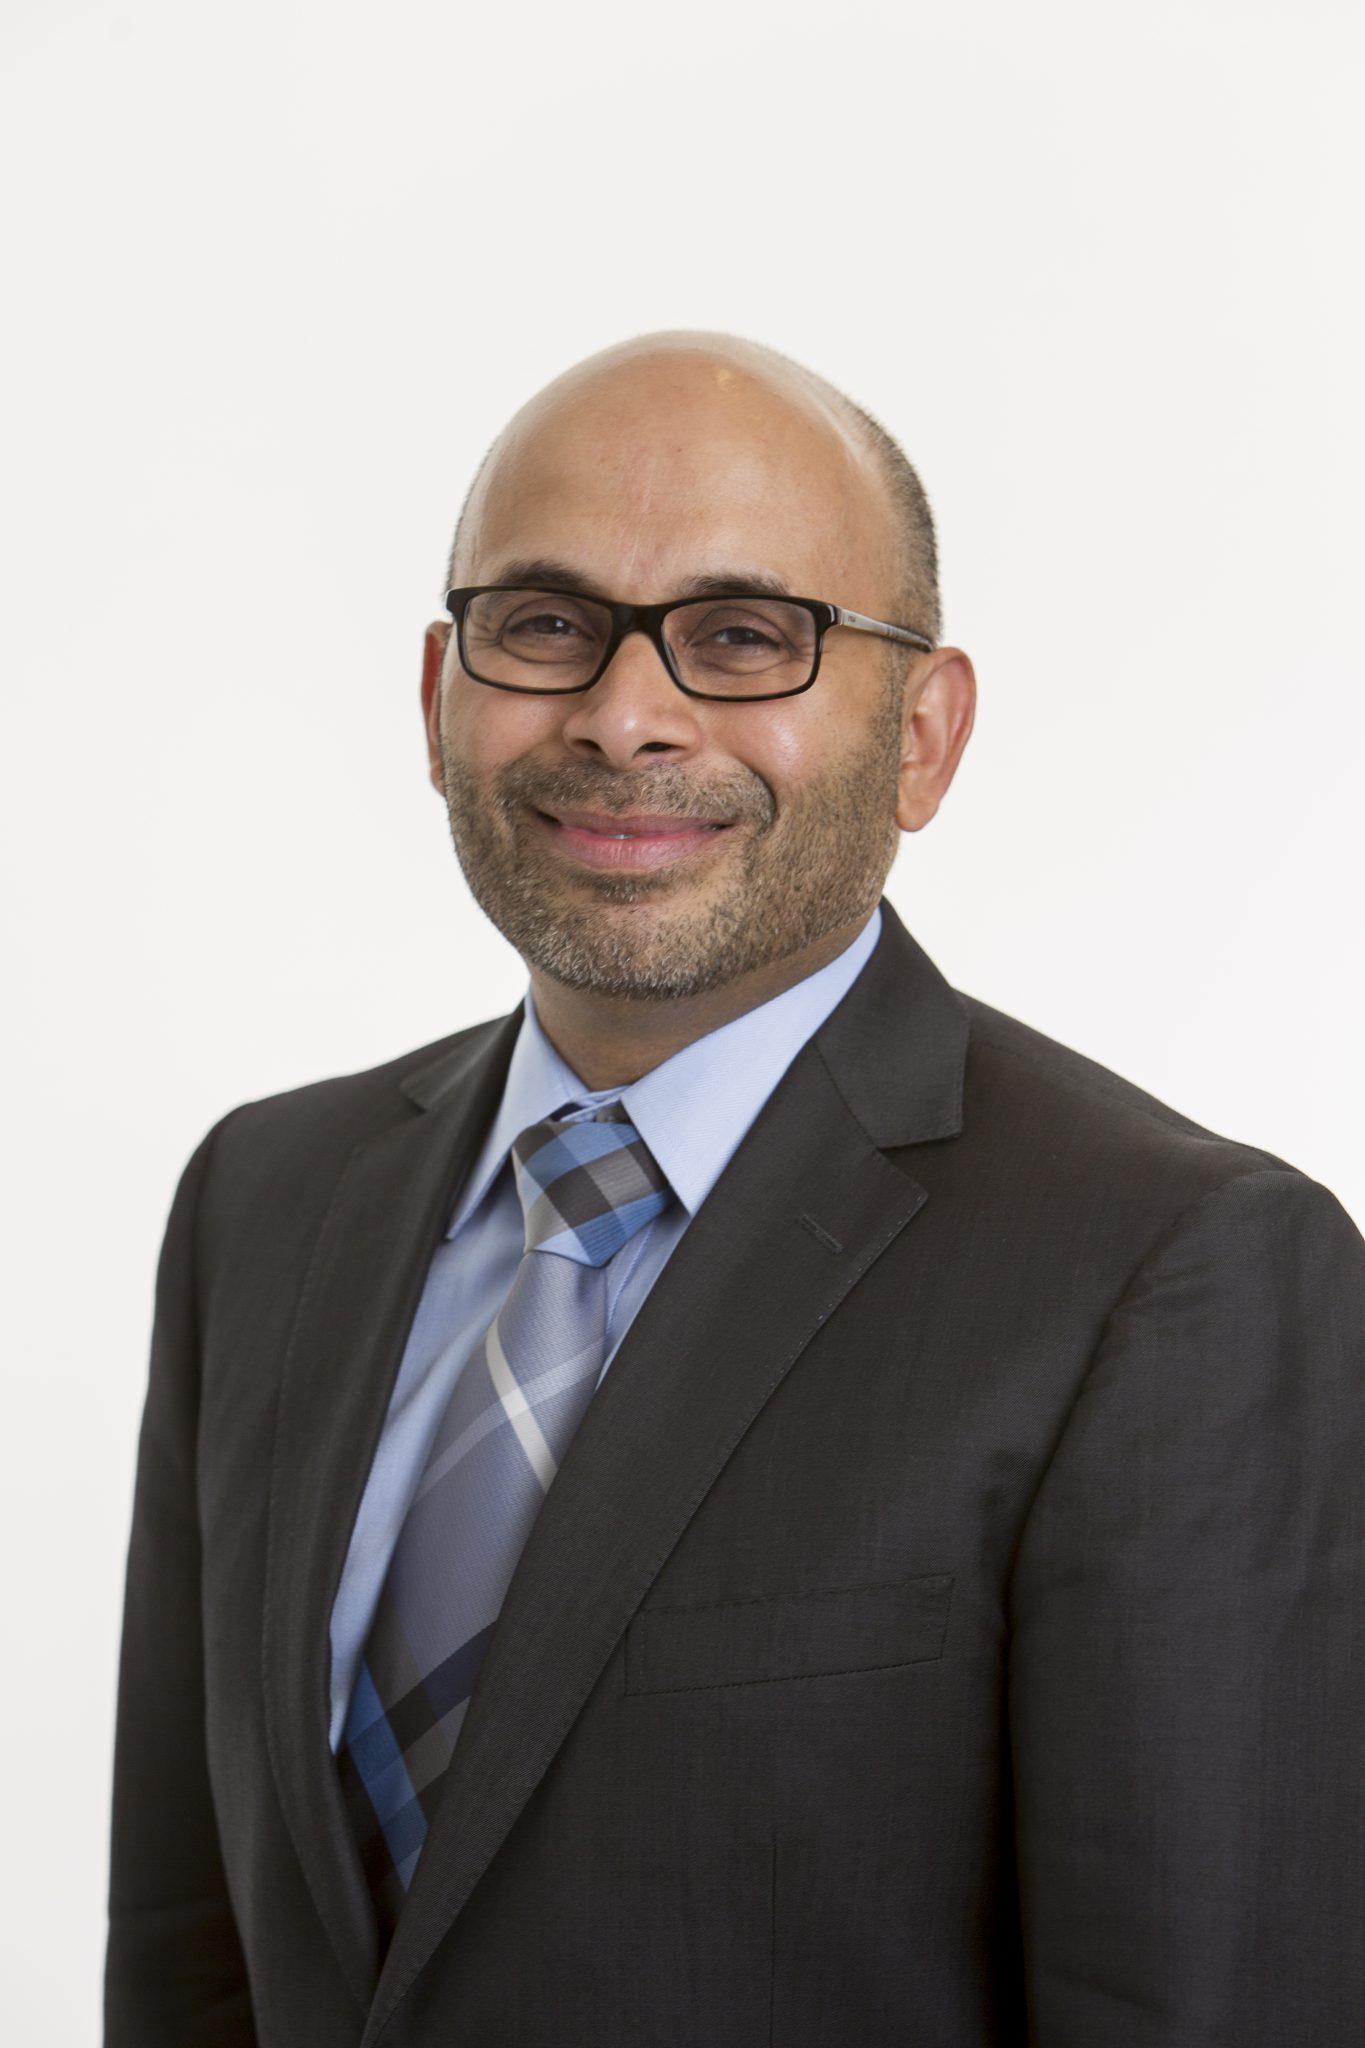 Nadeem Syed, CEO of Misys